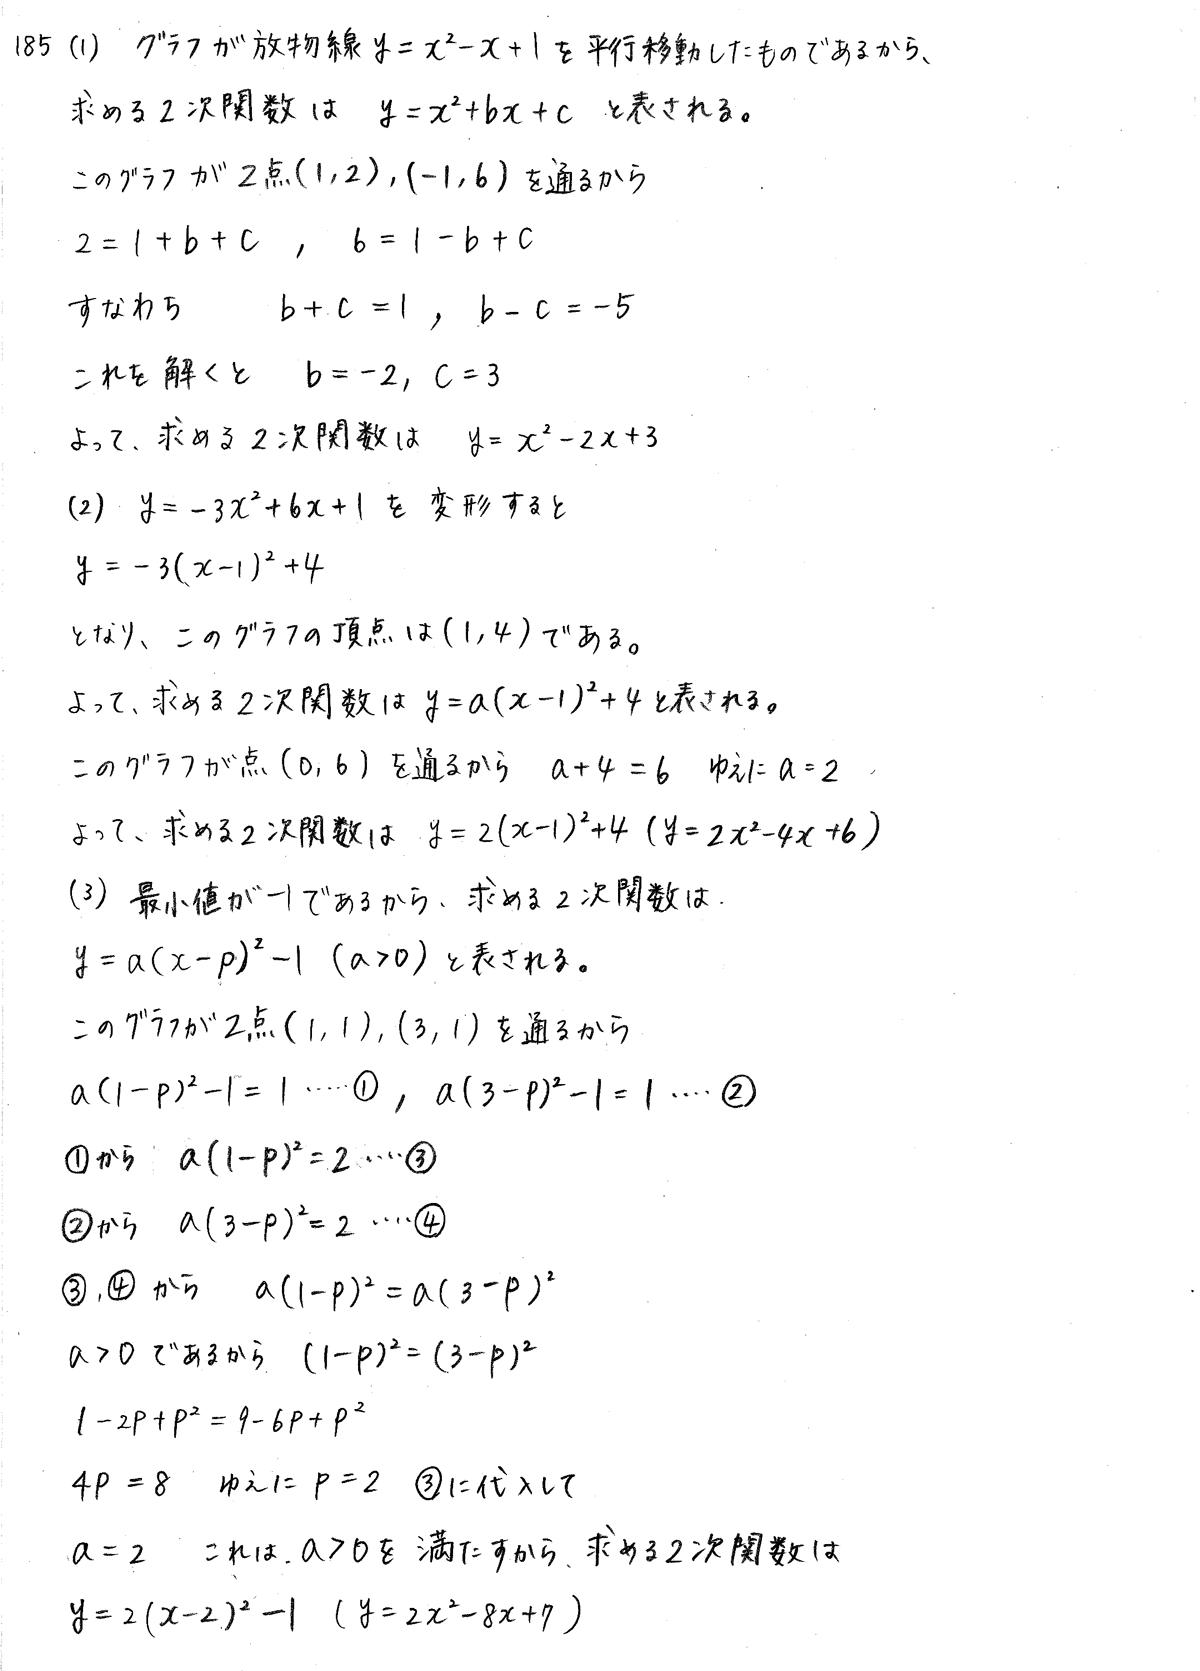 クリアー数学1-185解答